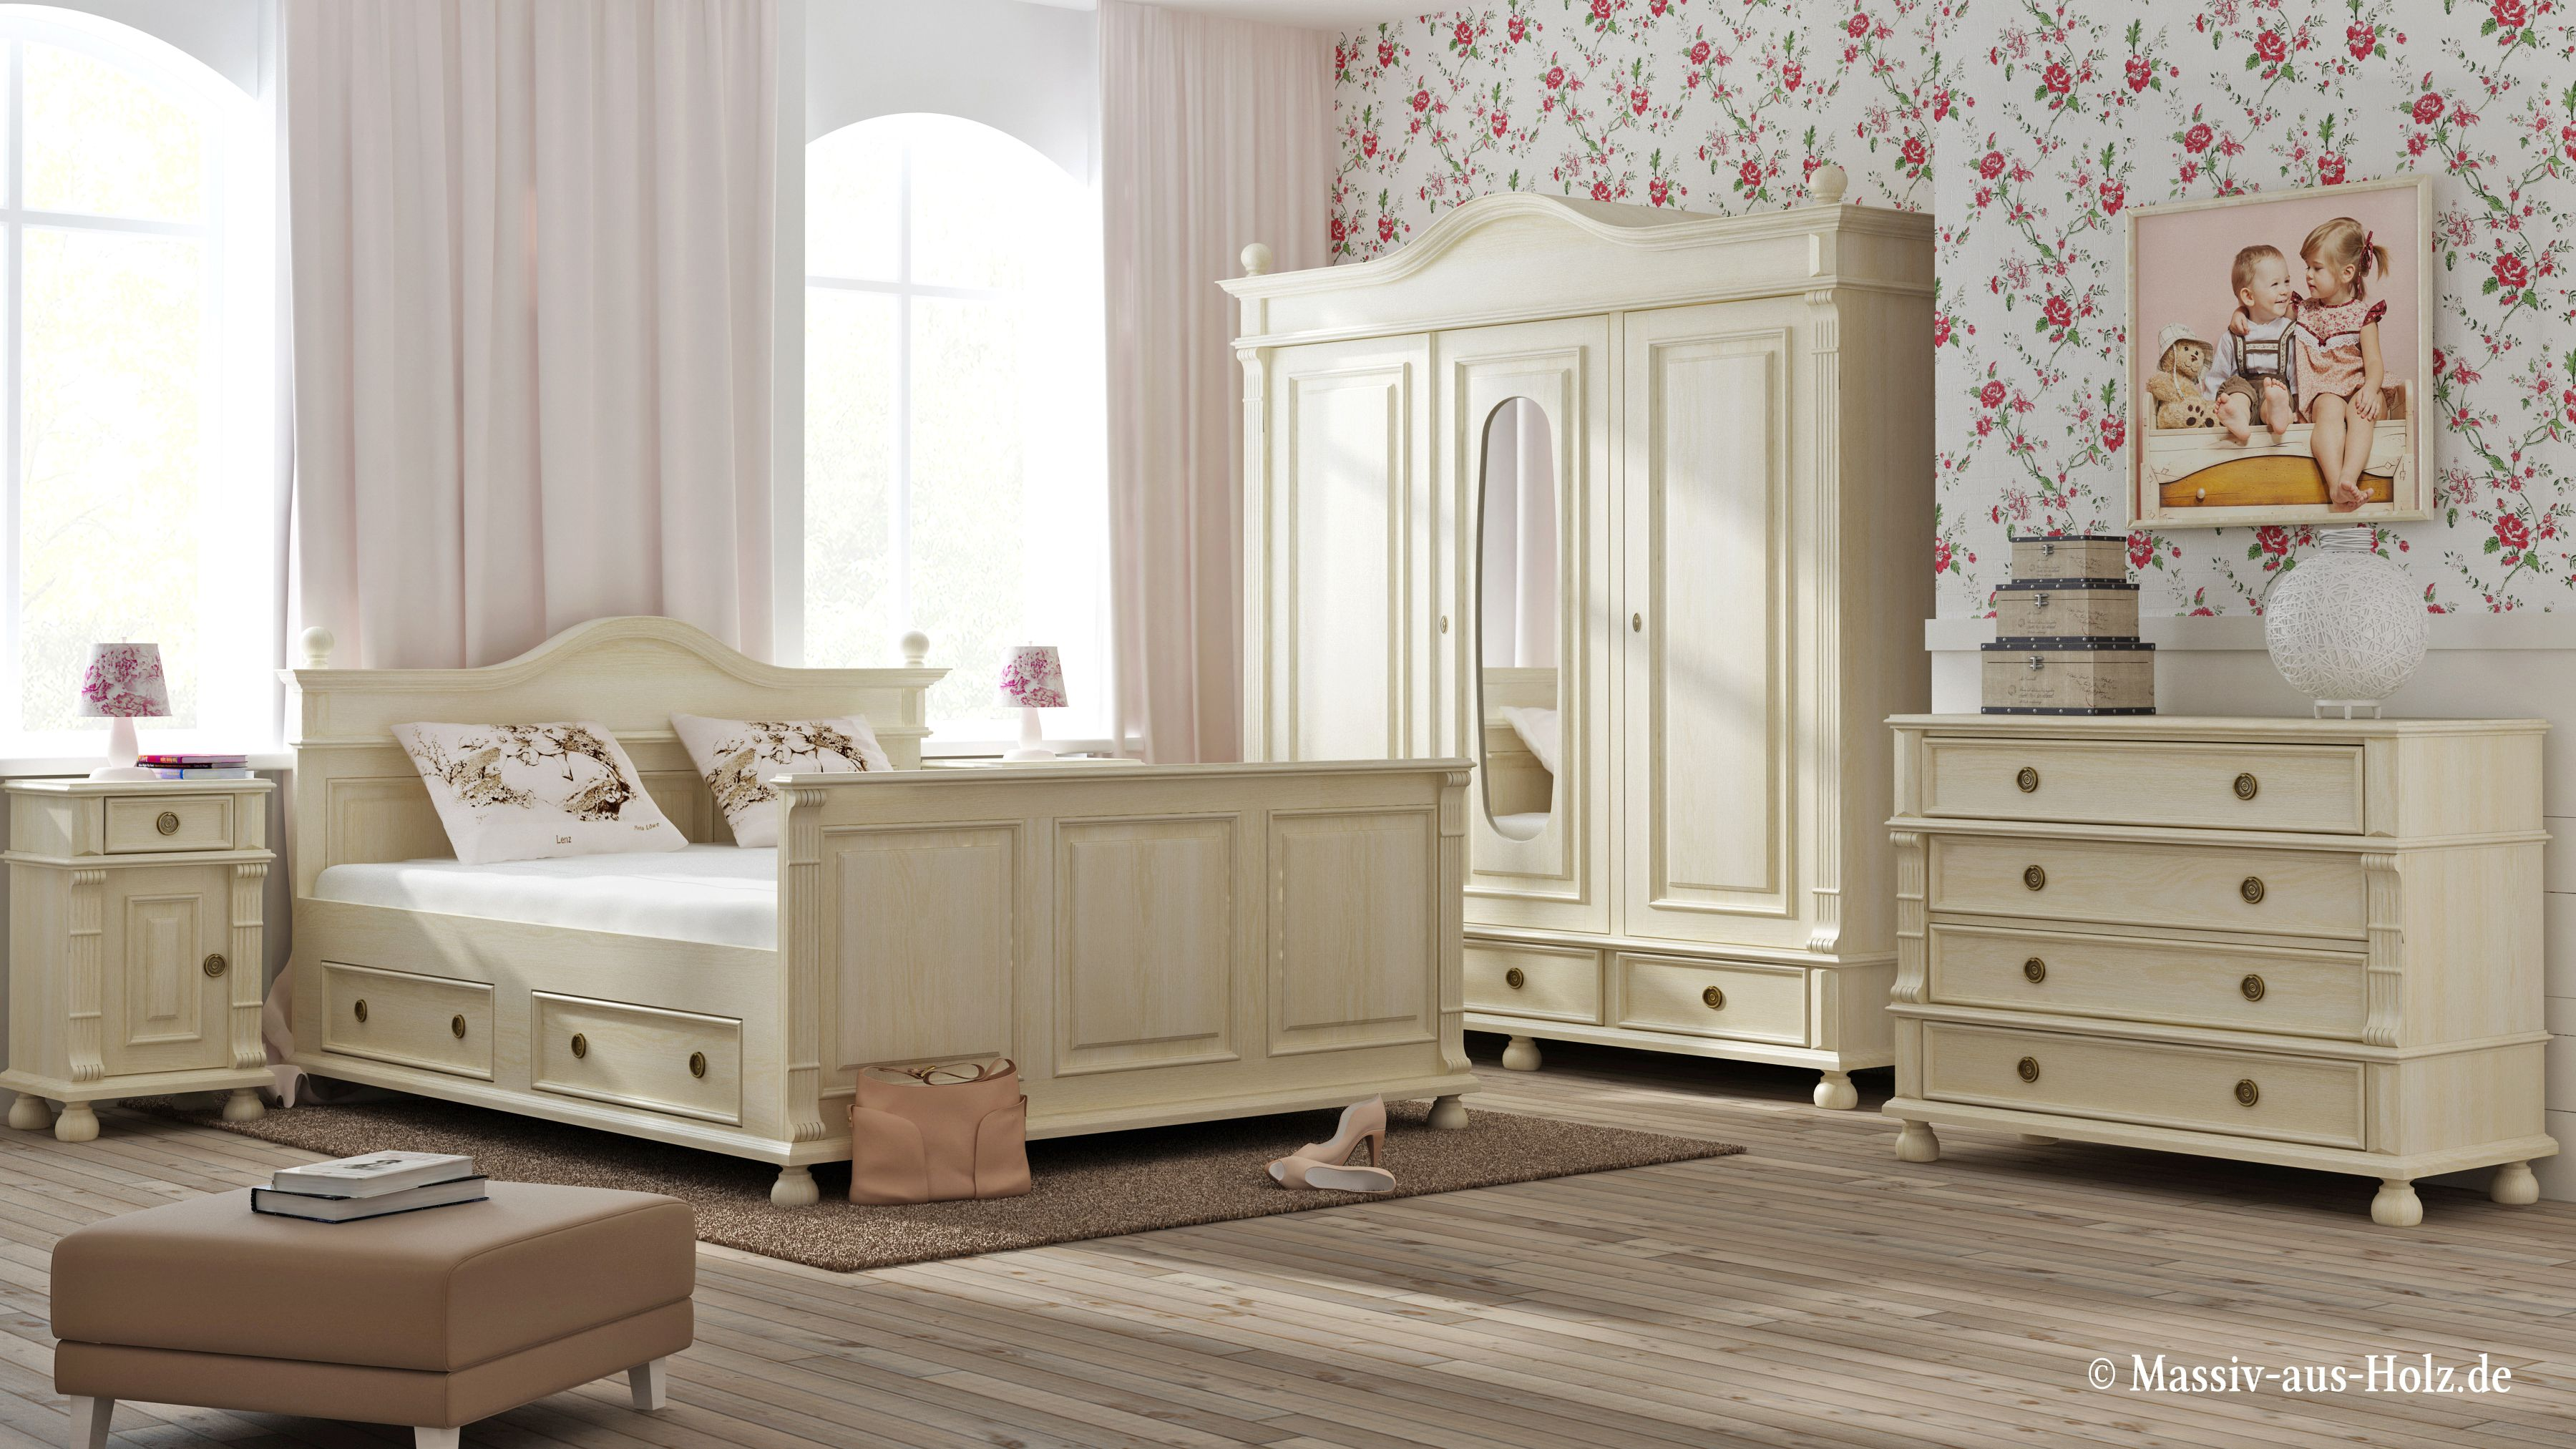 wer landhaus mag wird von dem schlafzimmer begeistert sein landhaus. Black Bedroom Furniture Sets. Home Design Ideas